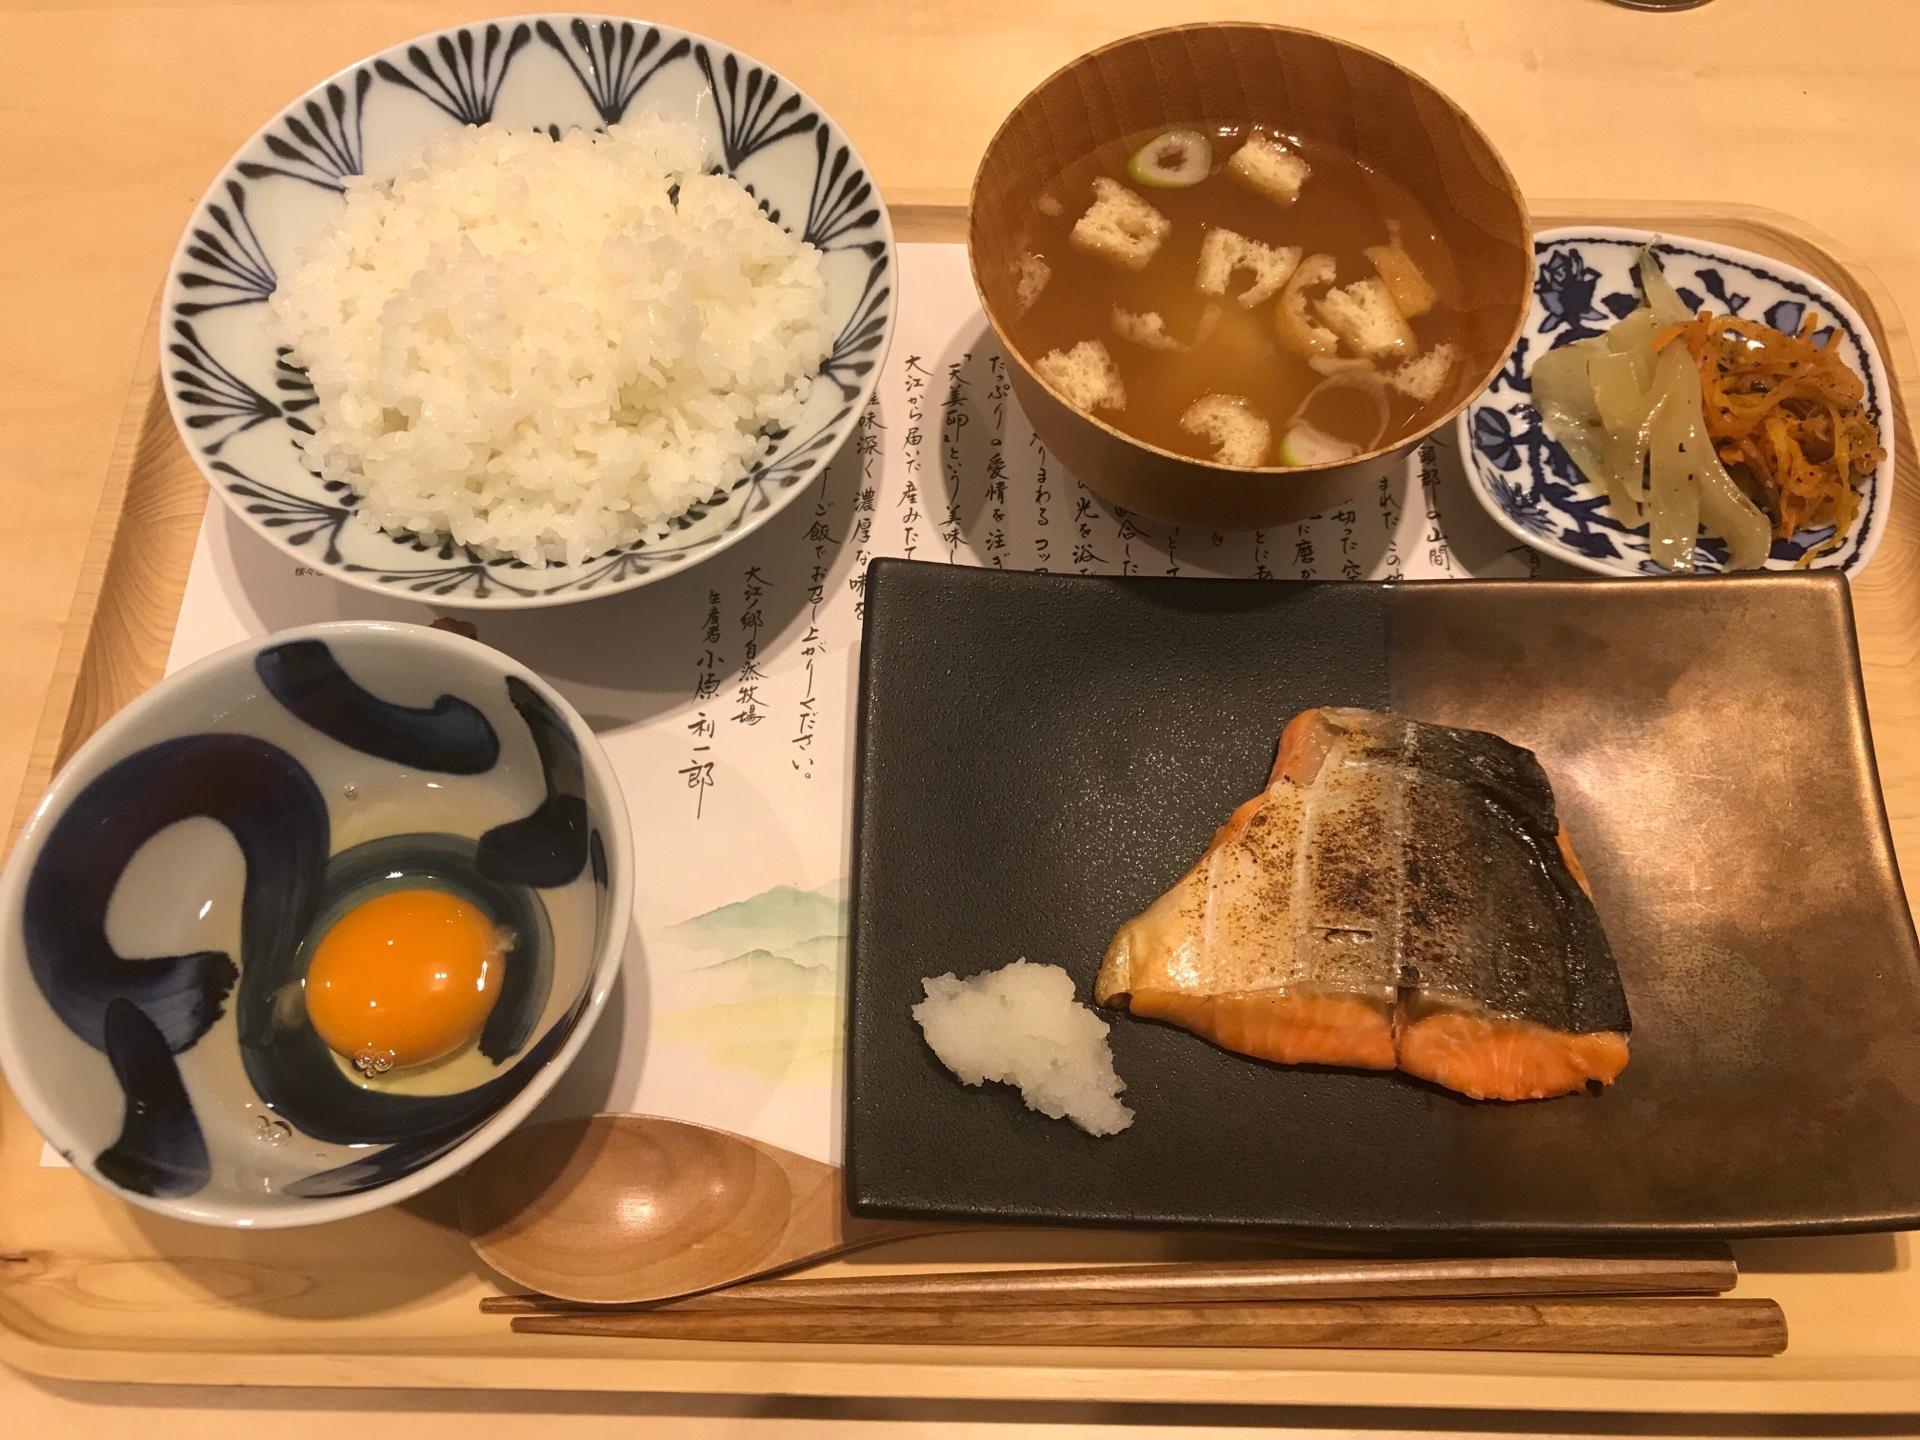 大江ノ里自然牧場の焼き鮭定食